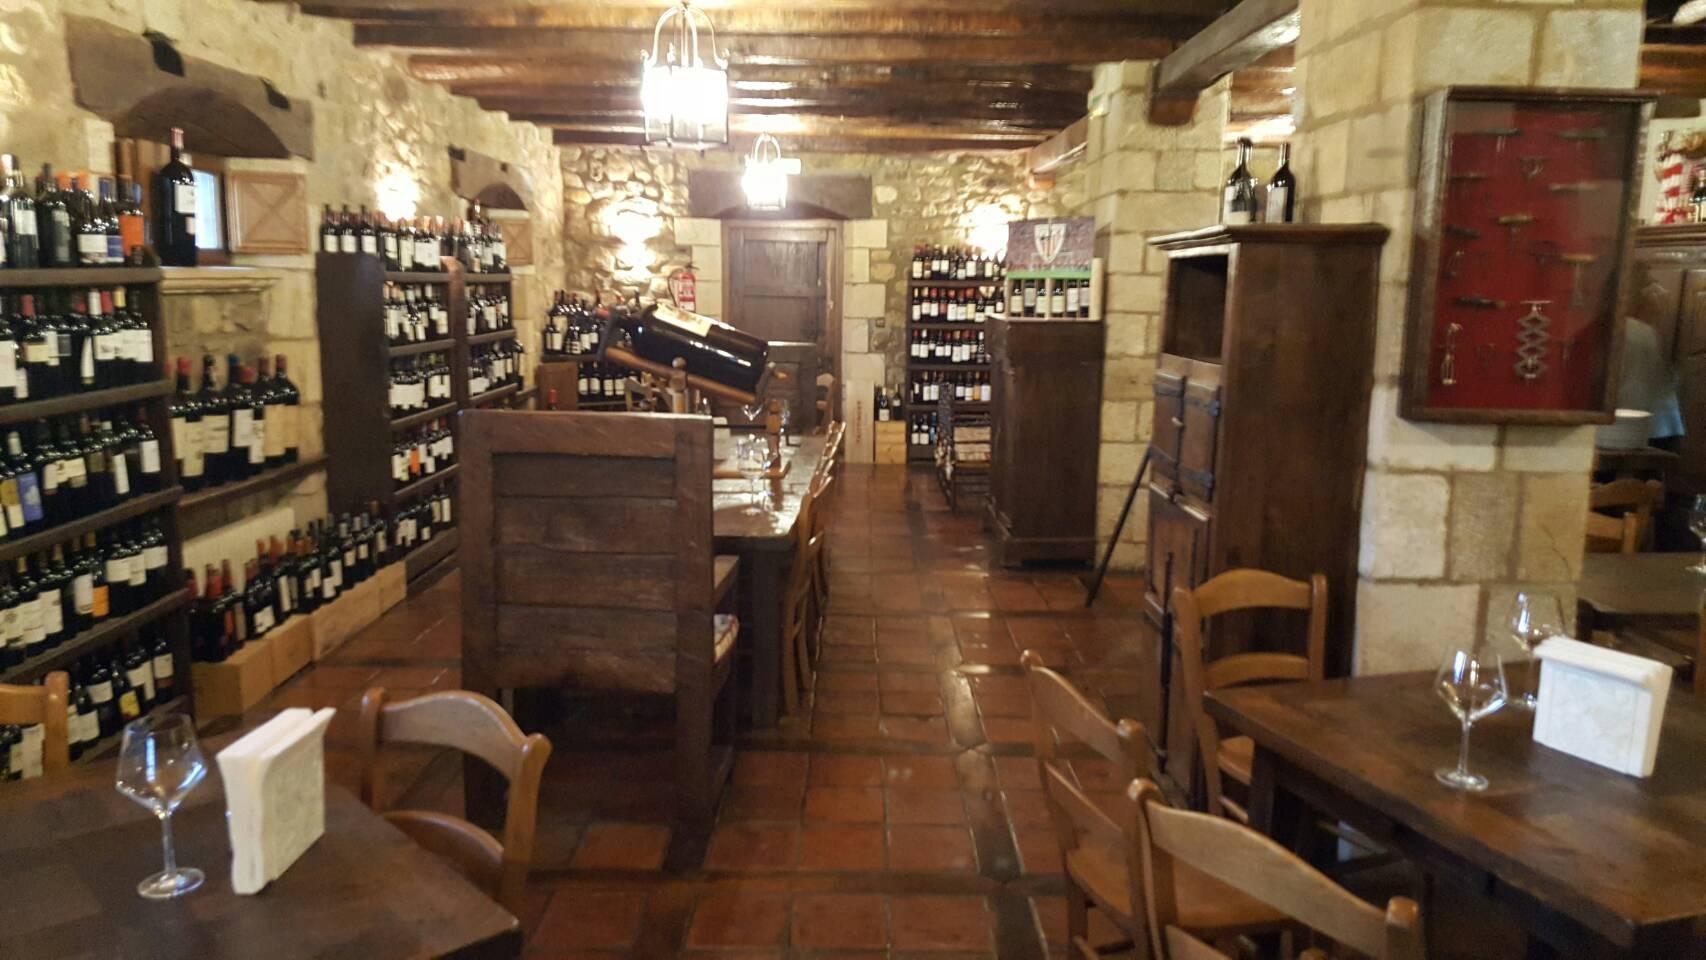 2017年GW スペインバスク地方、ワイナリーと バル巡りの旅 その4 ビルバオを一望できるレストランで_a0223786_13293618.jpg